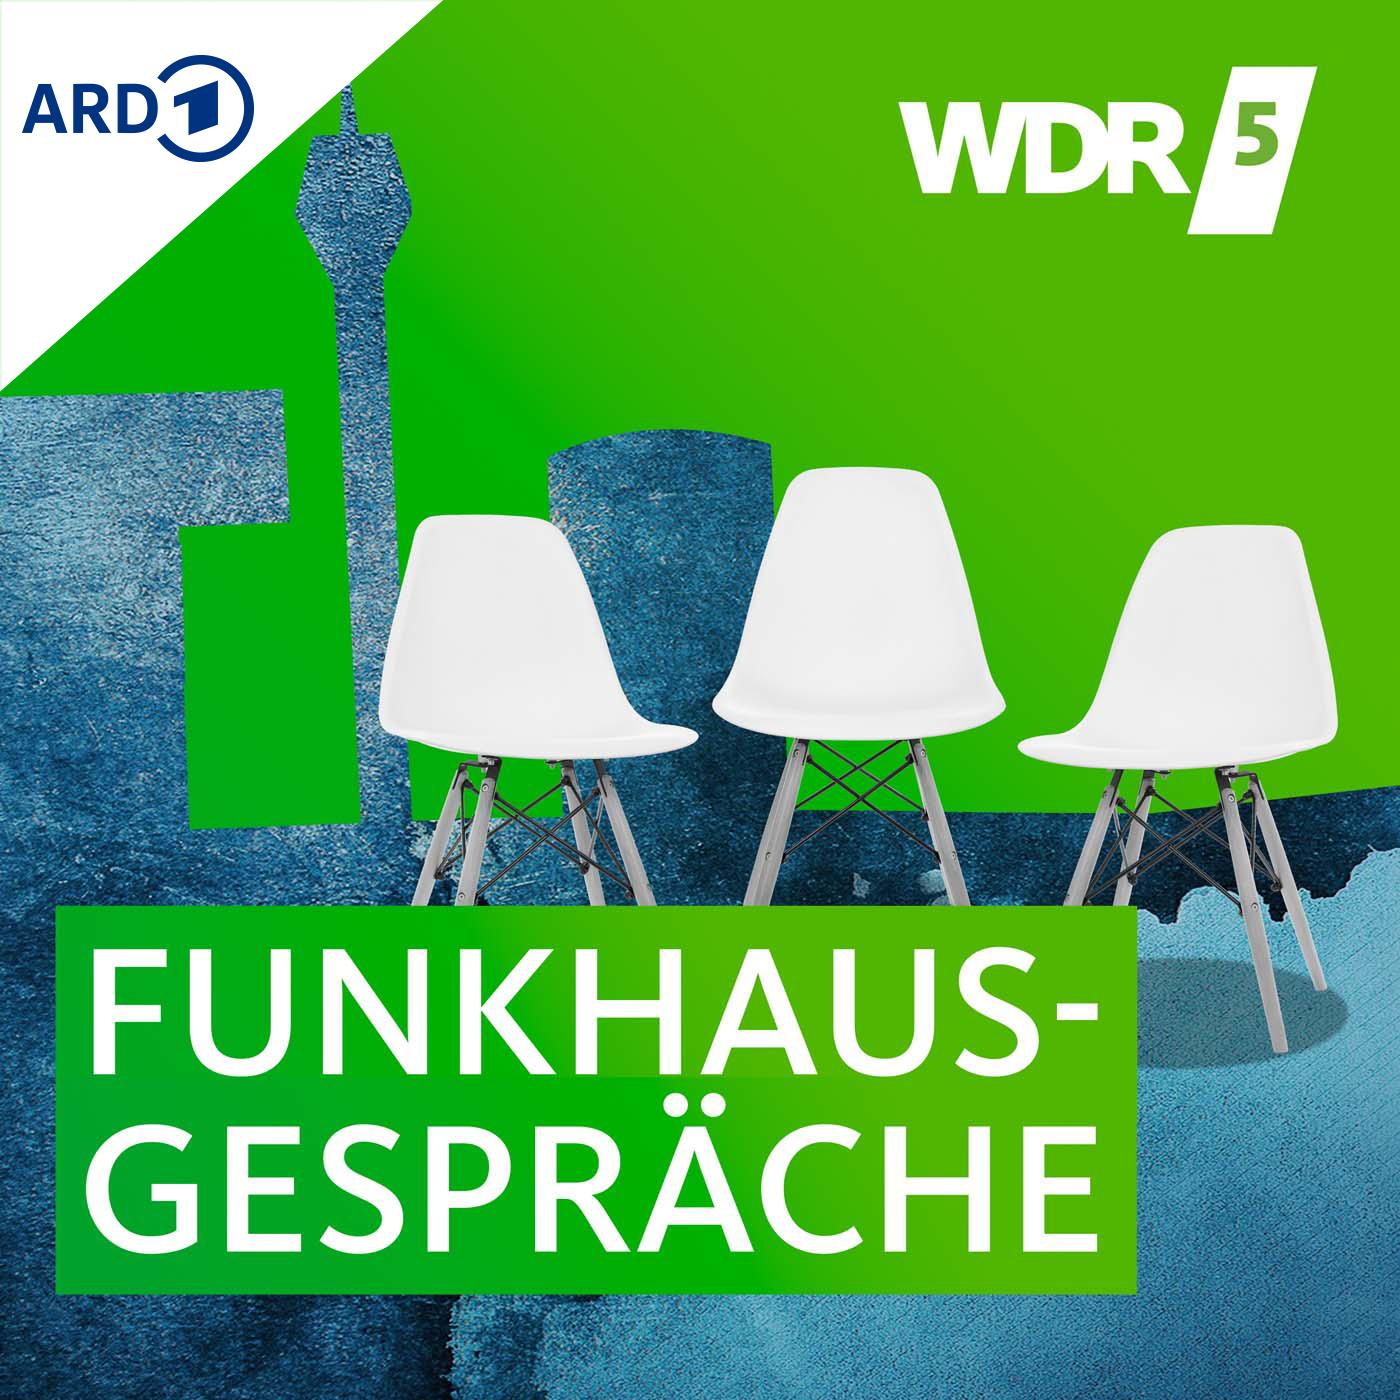 WDR 5 Funkhausgespräche / WDR 5 Stadtgespräch